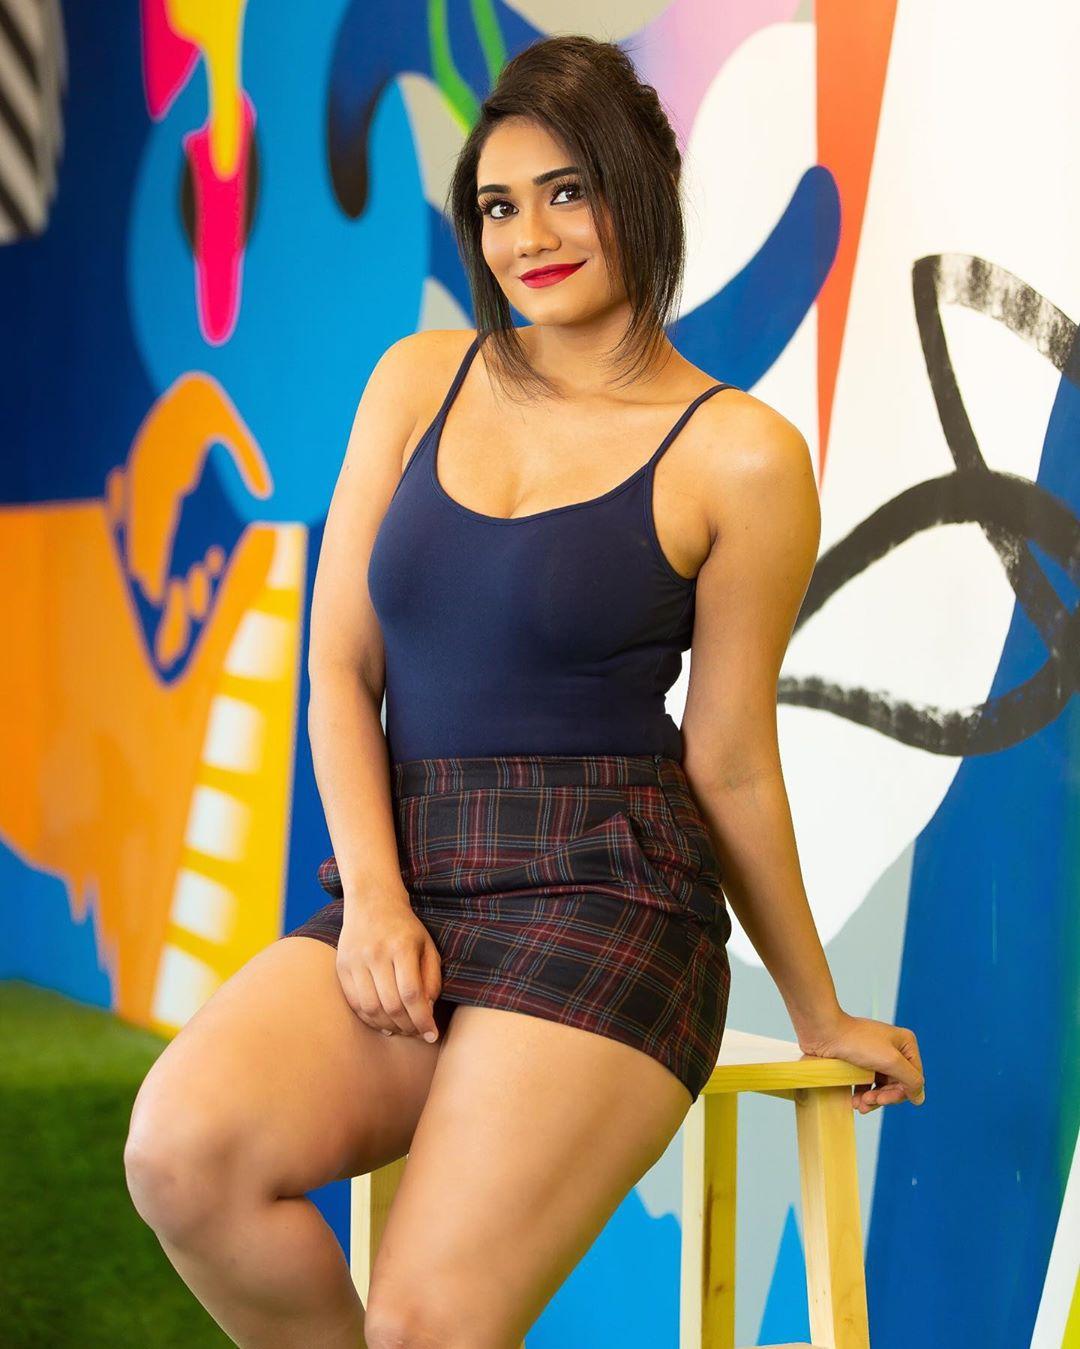 """Indian Desi Girl on Twitter: """"Vote for Your HOT Fitness Trainer! RT for  Sapna Vyas Patel (Left) Fav for Richi Shah (Right) @CoachSapna  @CoachRichiShah… https://t.co/WKk6htkPF0"""""""